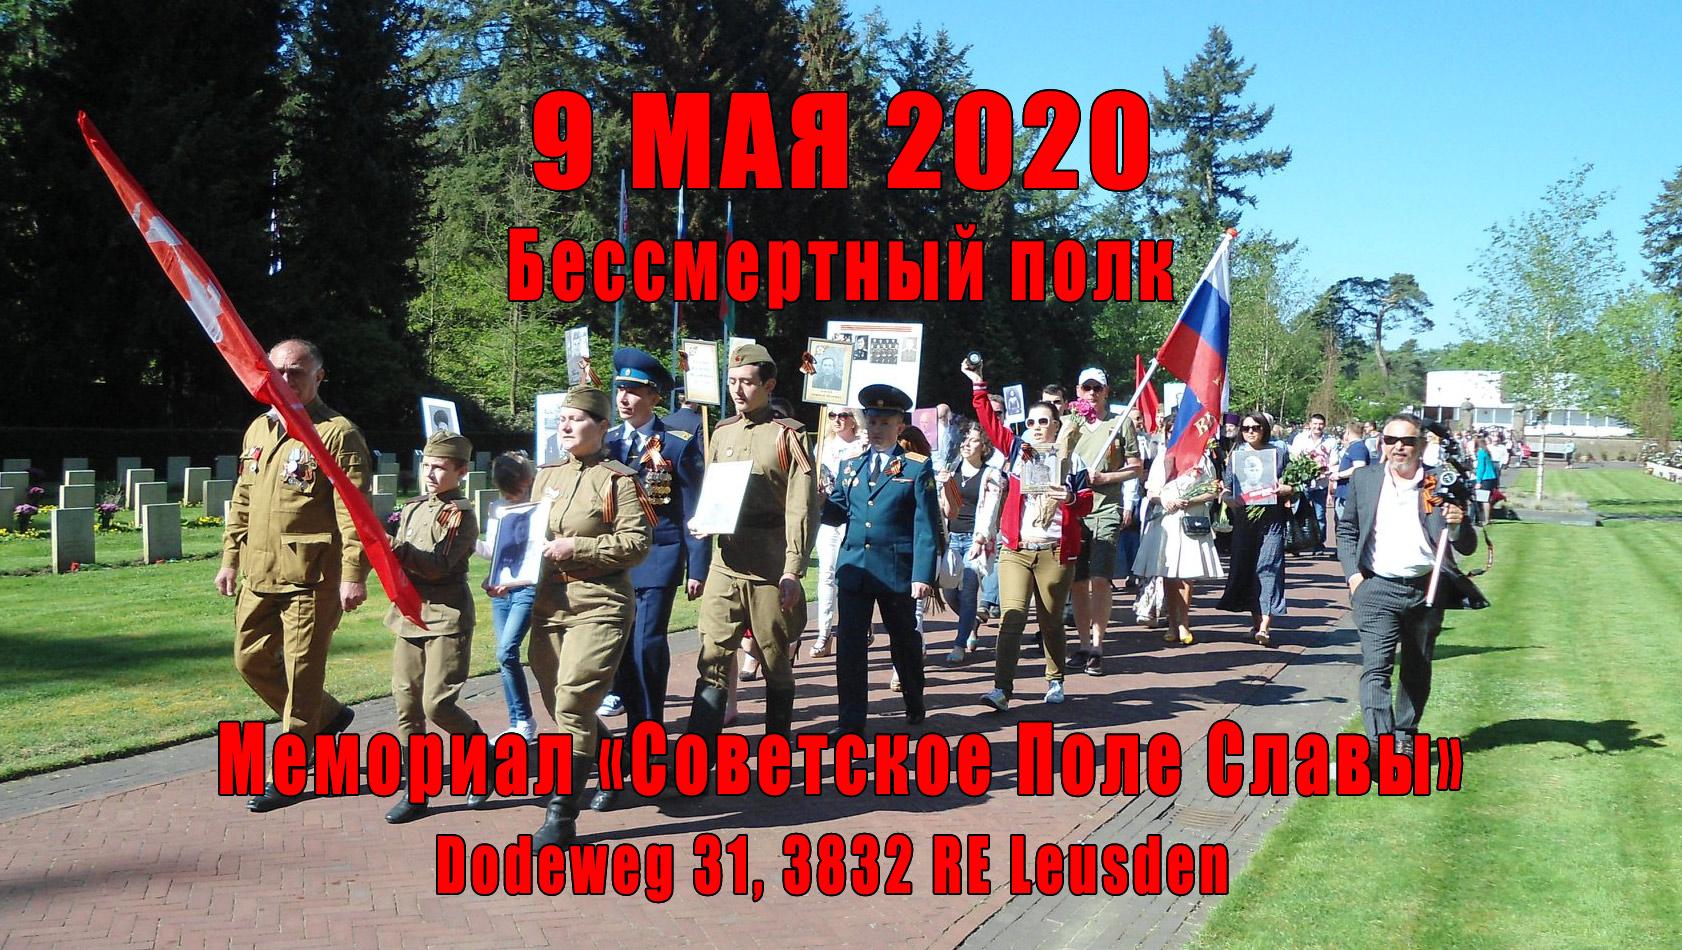 9 МАЯ 2020 – Шествие Бессмертного полка на мемориал «Советское Поле Славы»